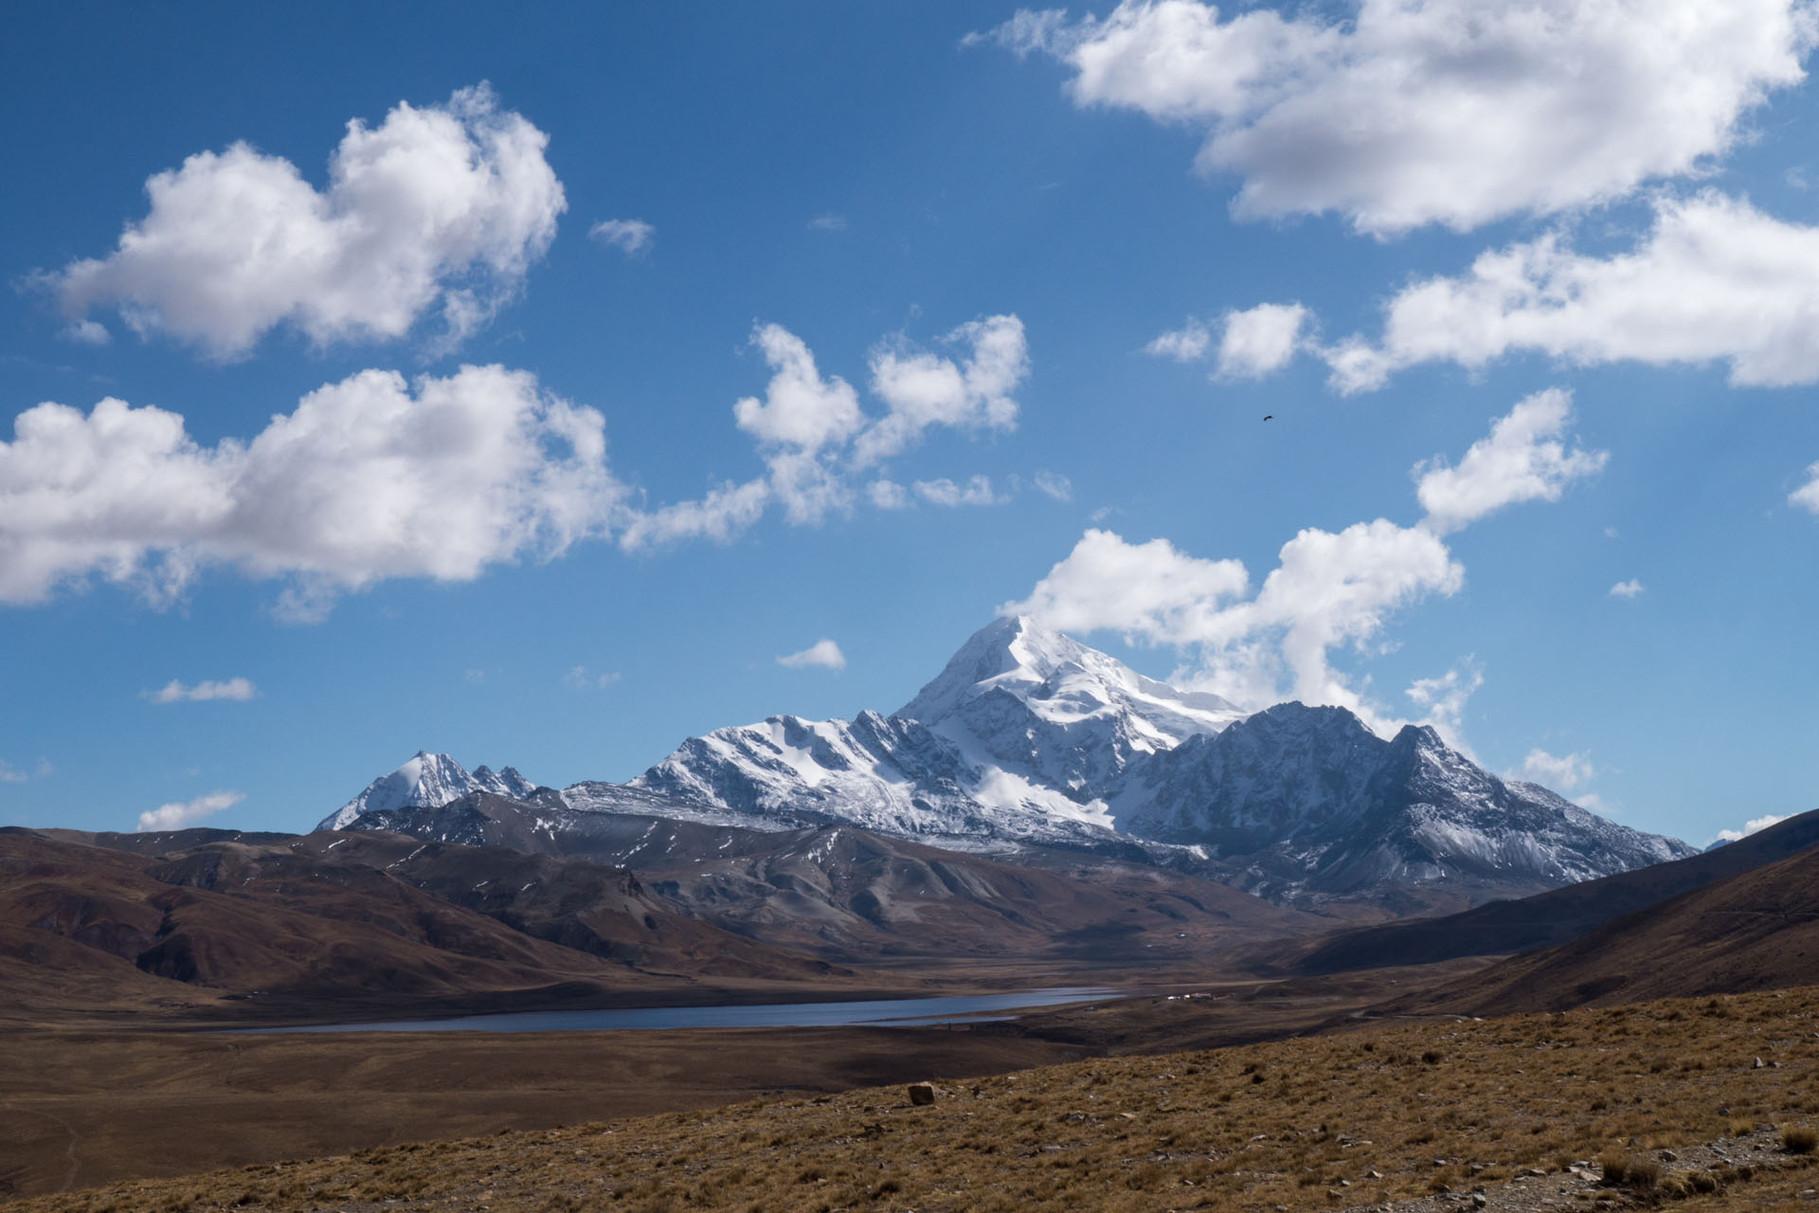 Huayna Potosi (6088 masl), northwest of La Paz